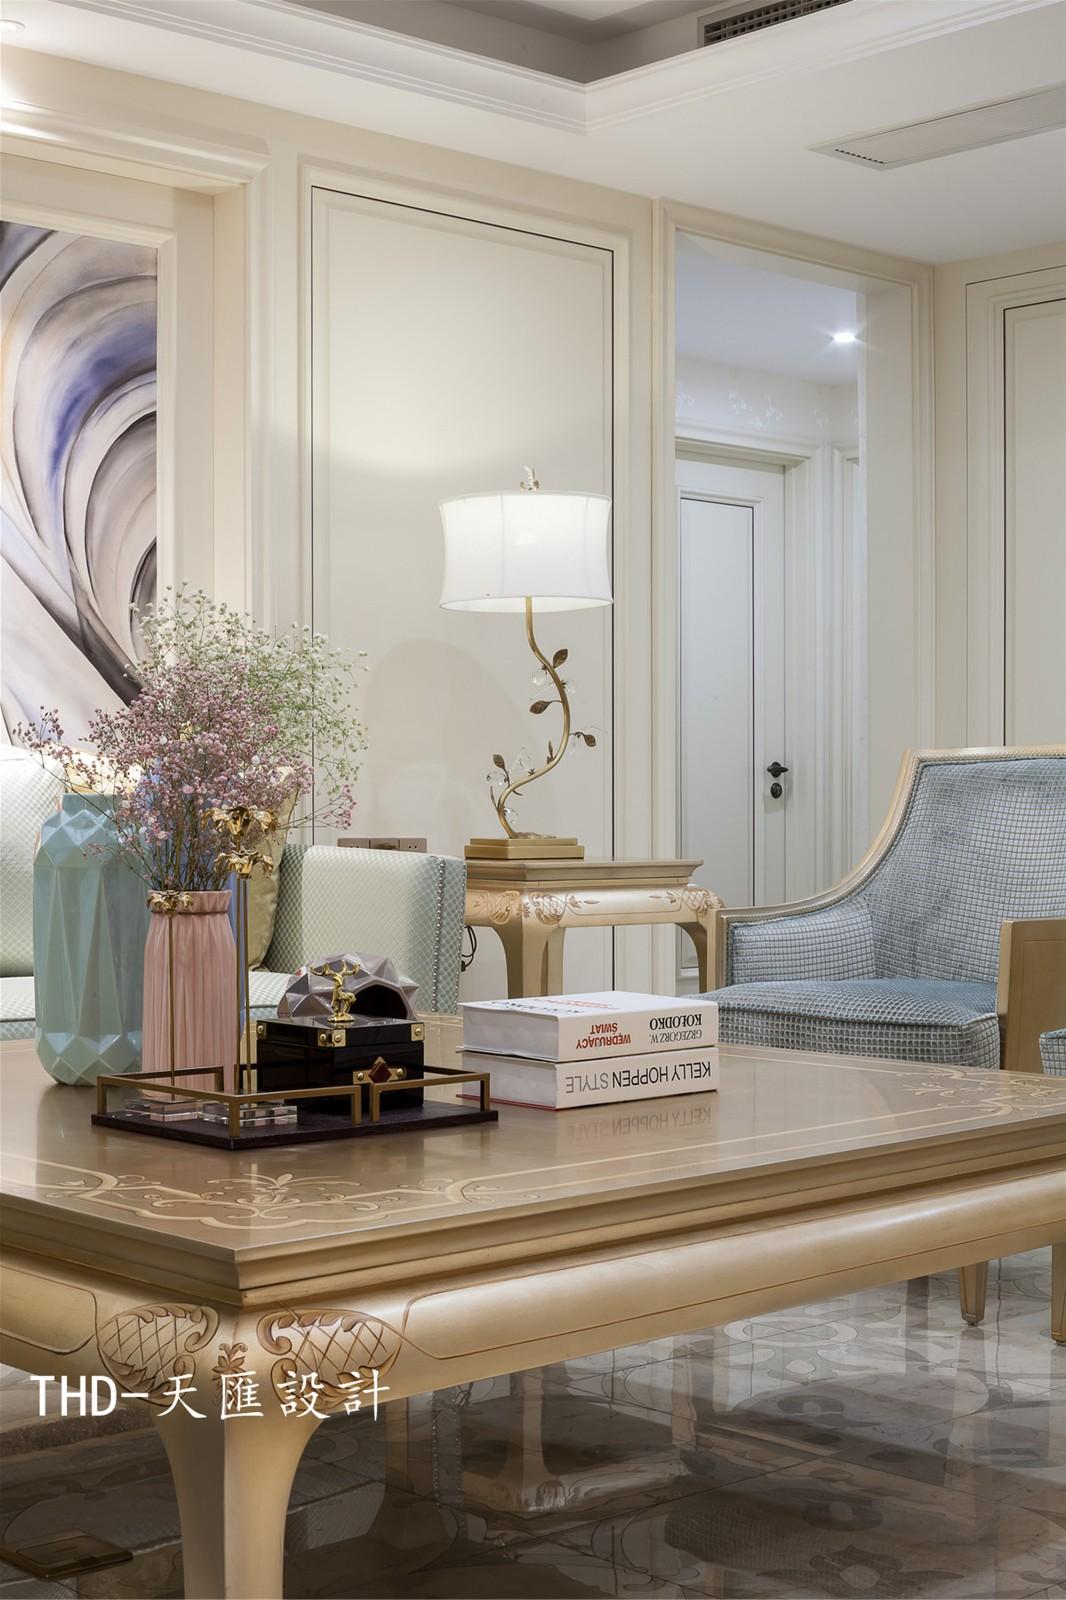 美式客厅背景墙实景图